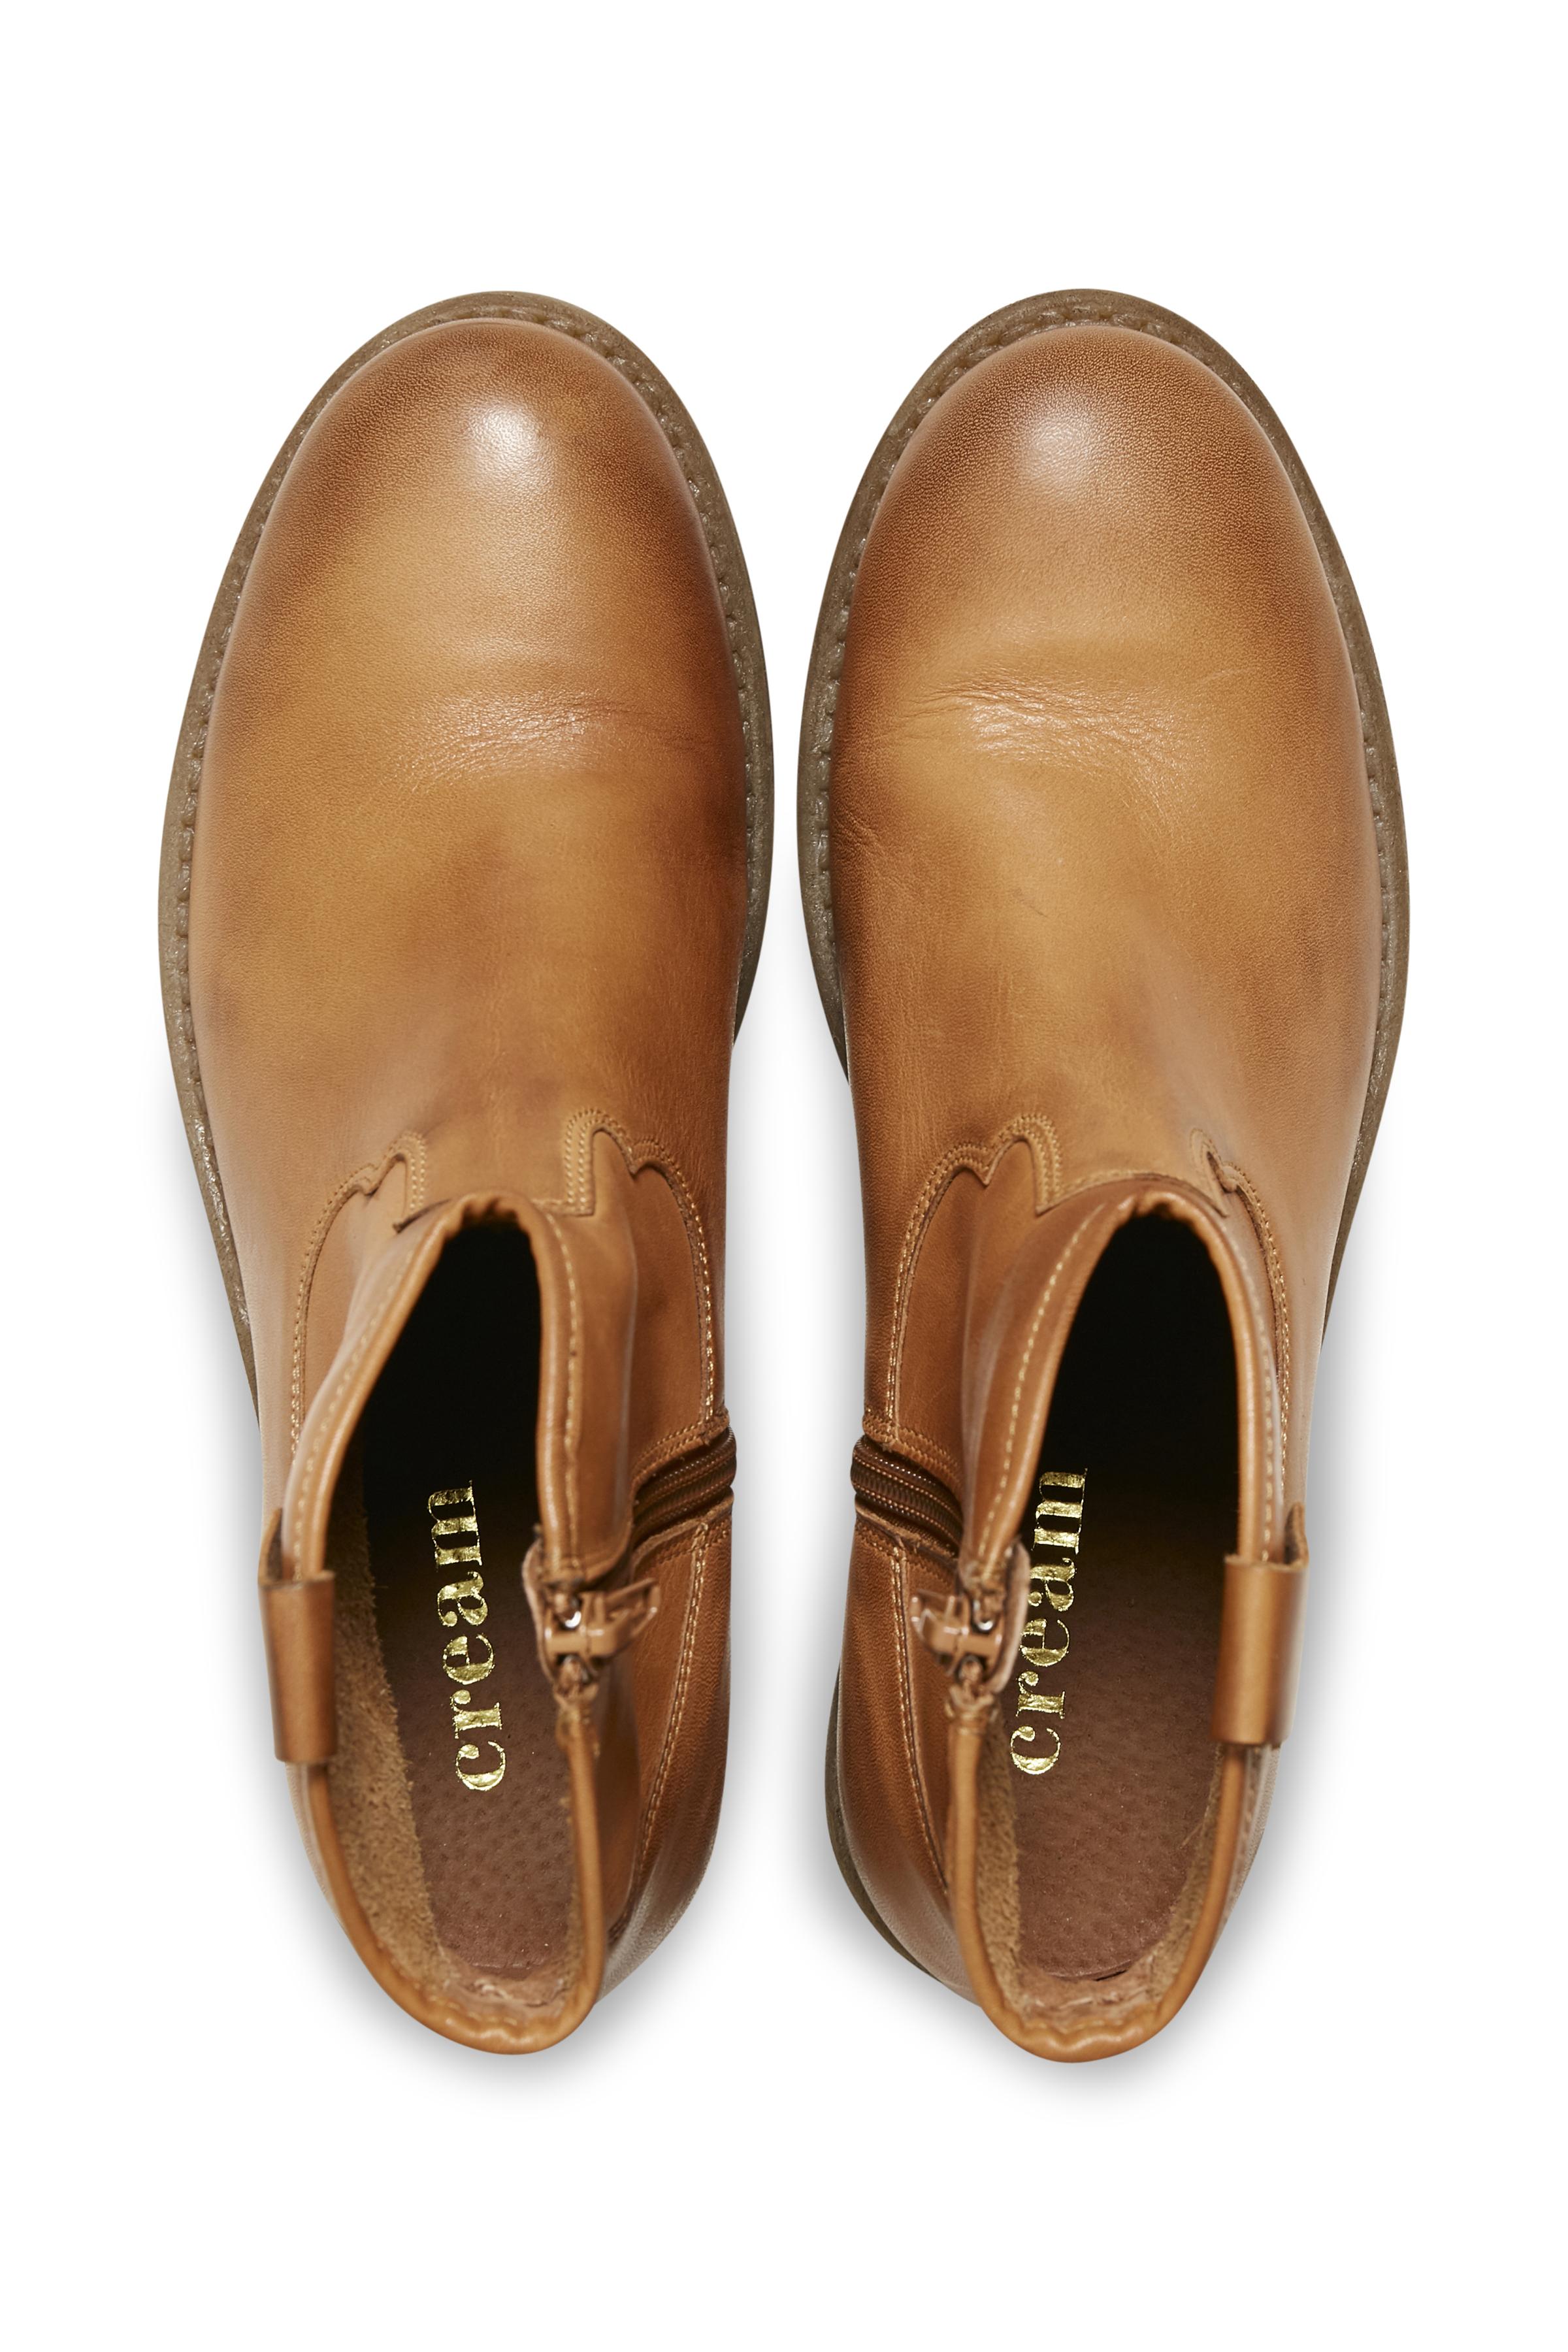 Hellbraun Stiefel von Cream Accessories – Shoppen Sie Hellbraun Stiefel ab Gr. 36-41 hier